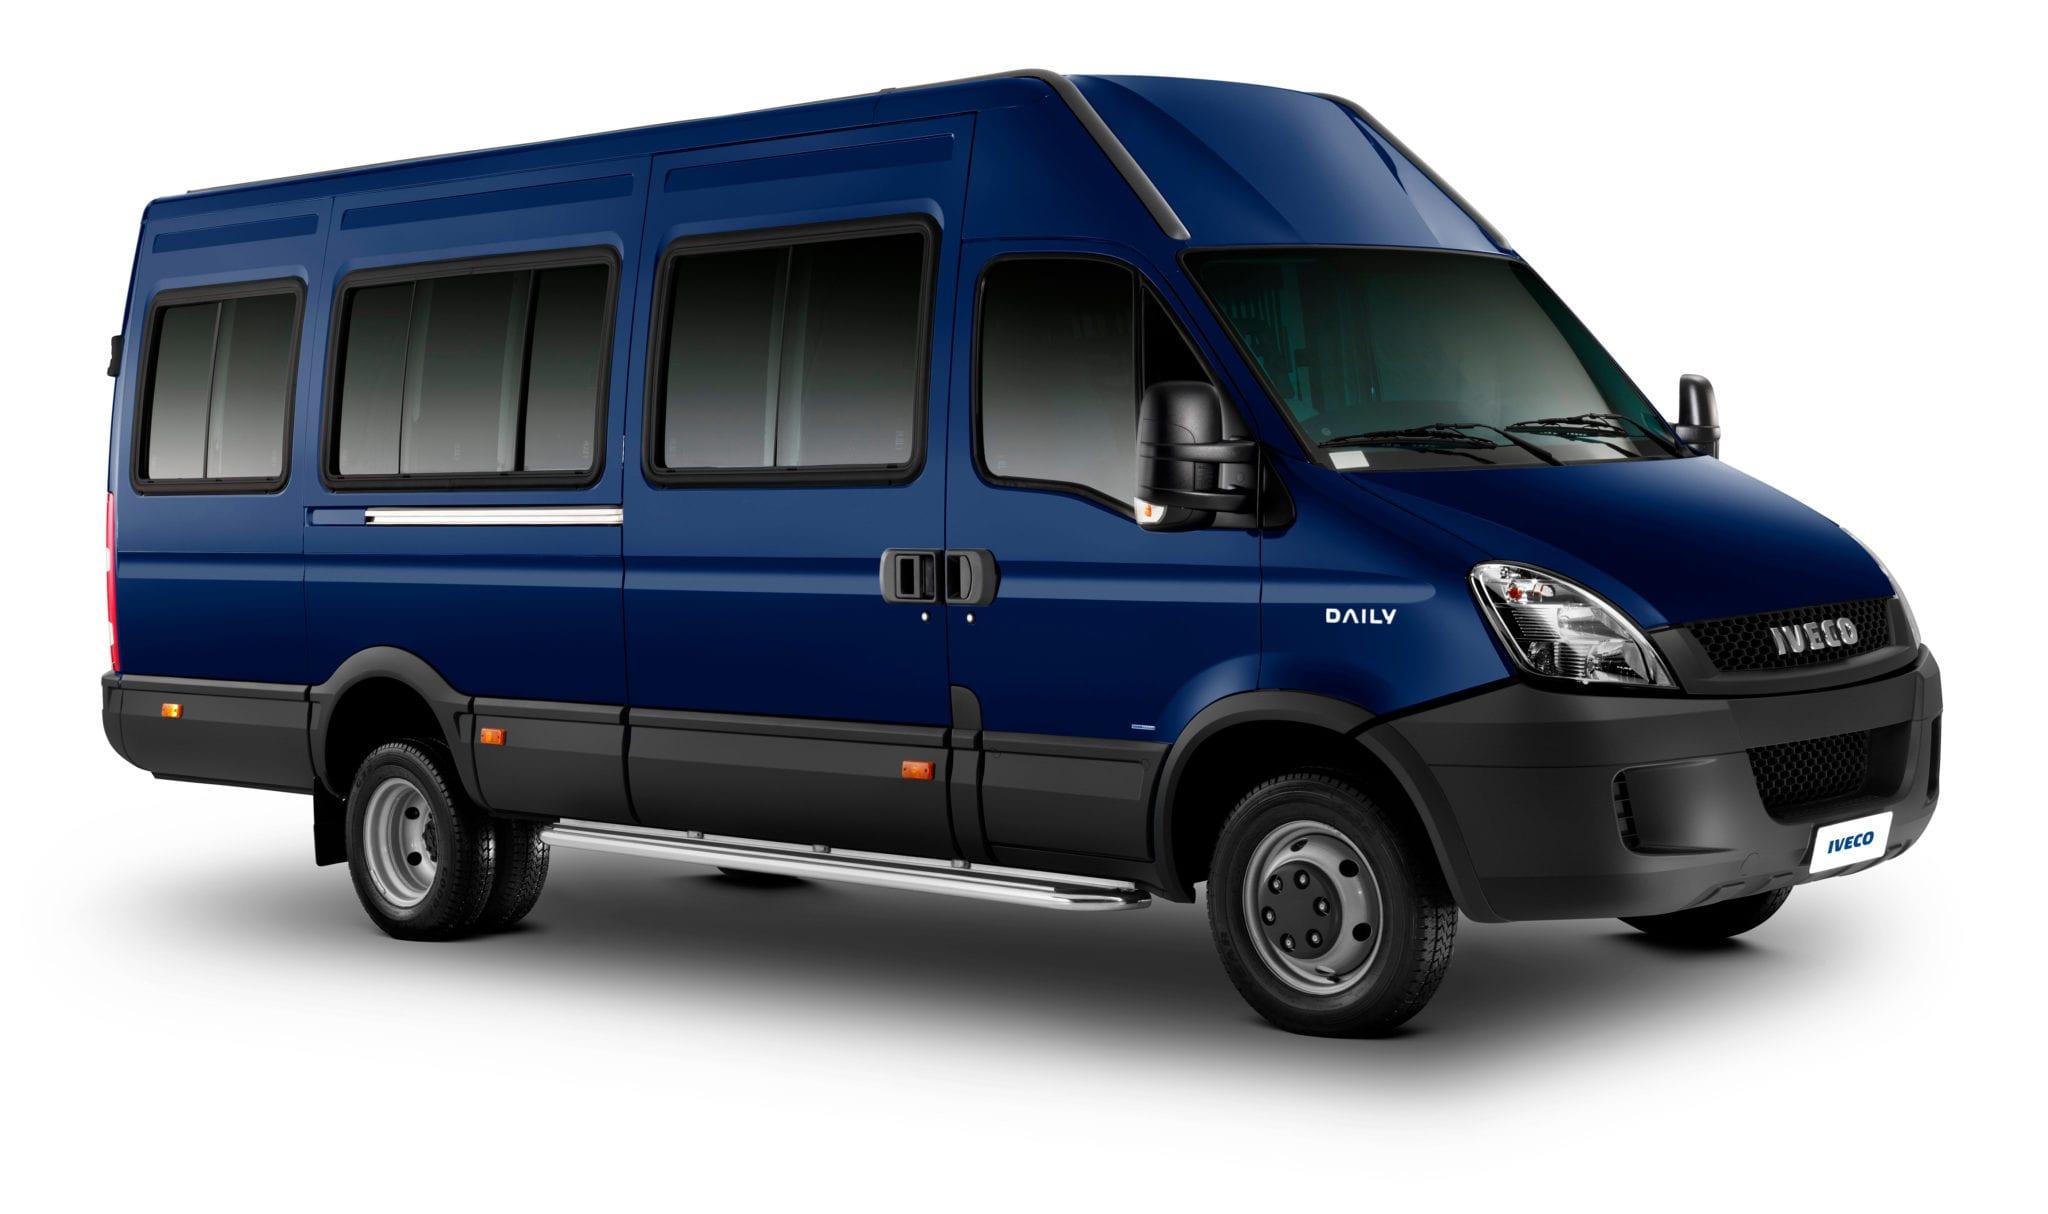 Daily Minibus